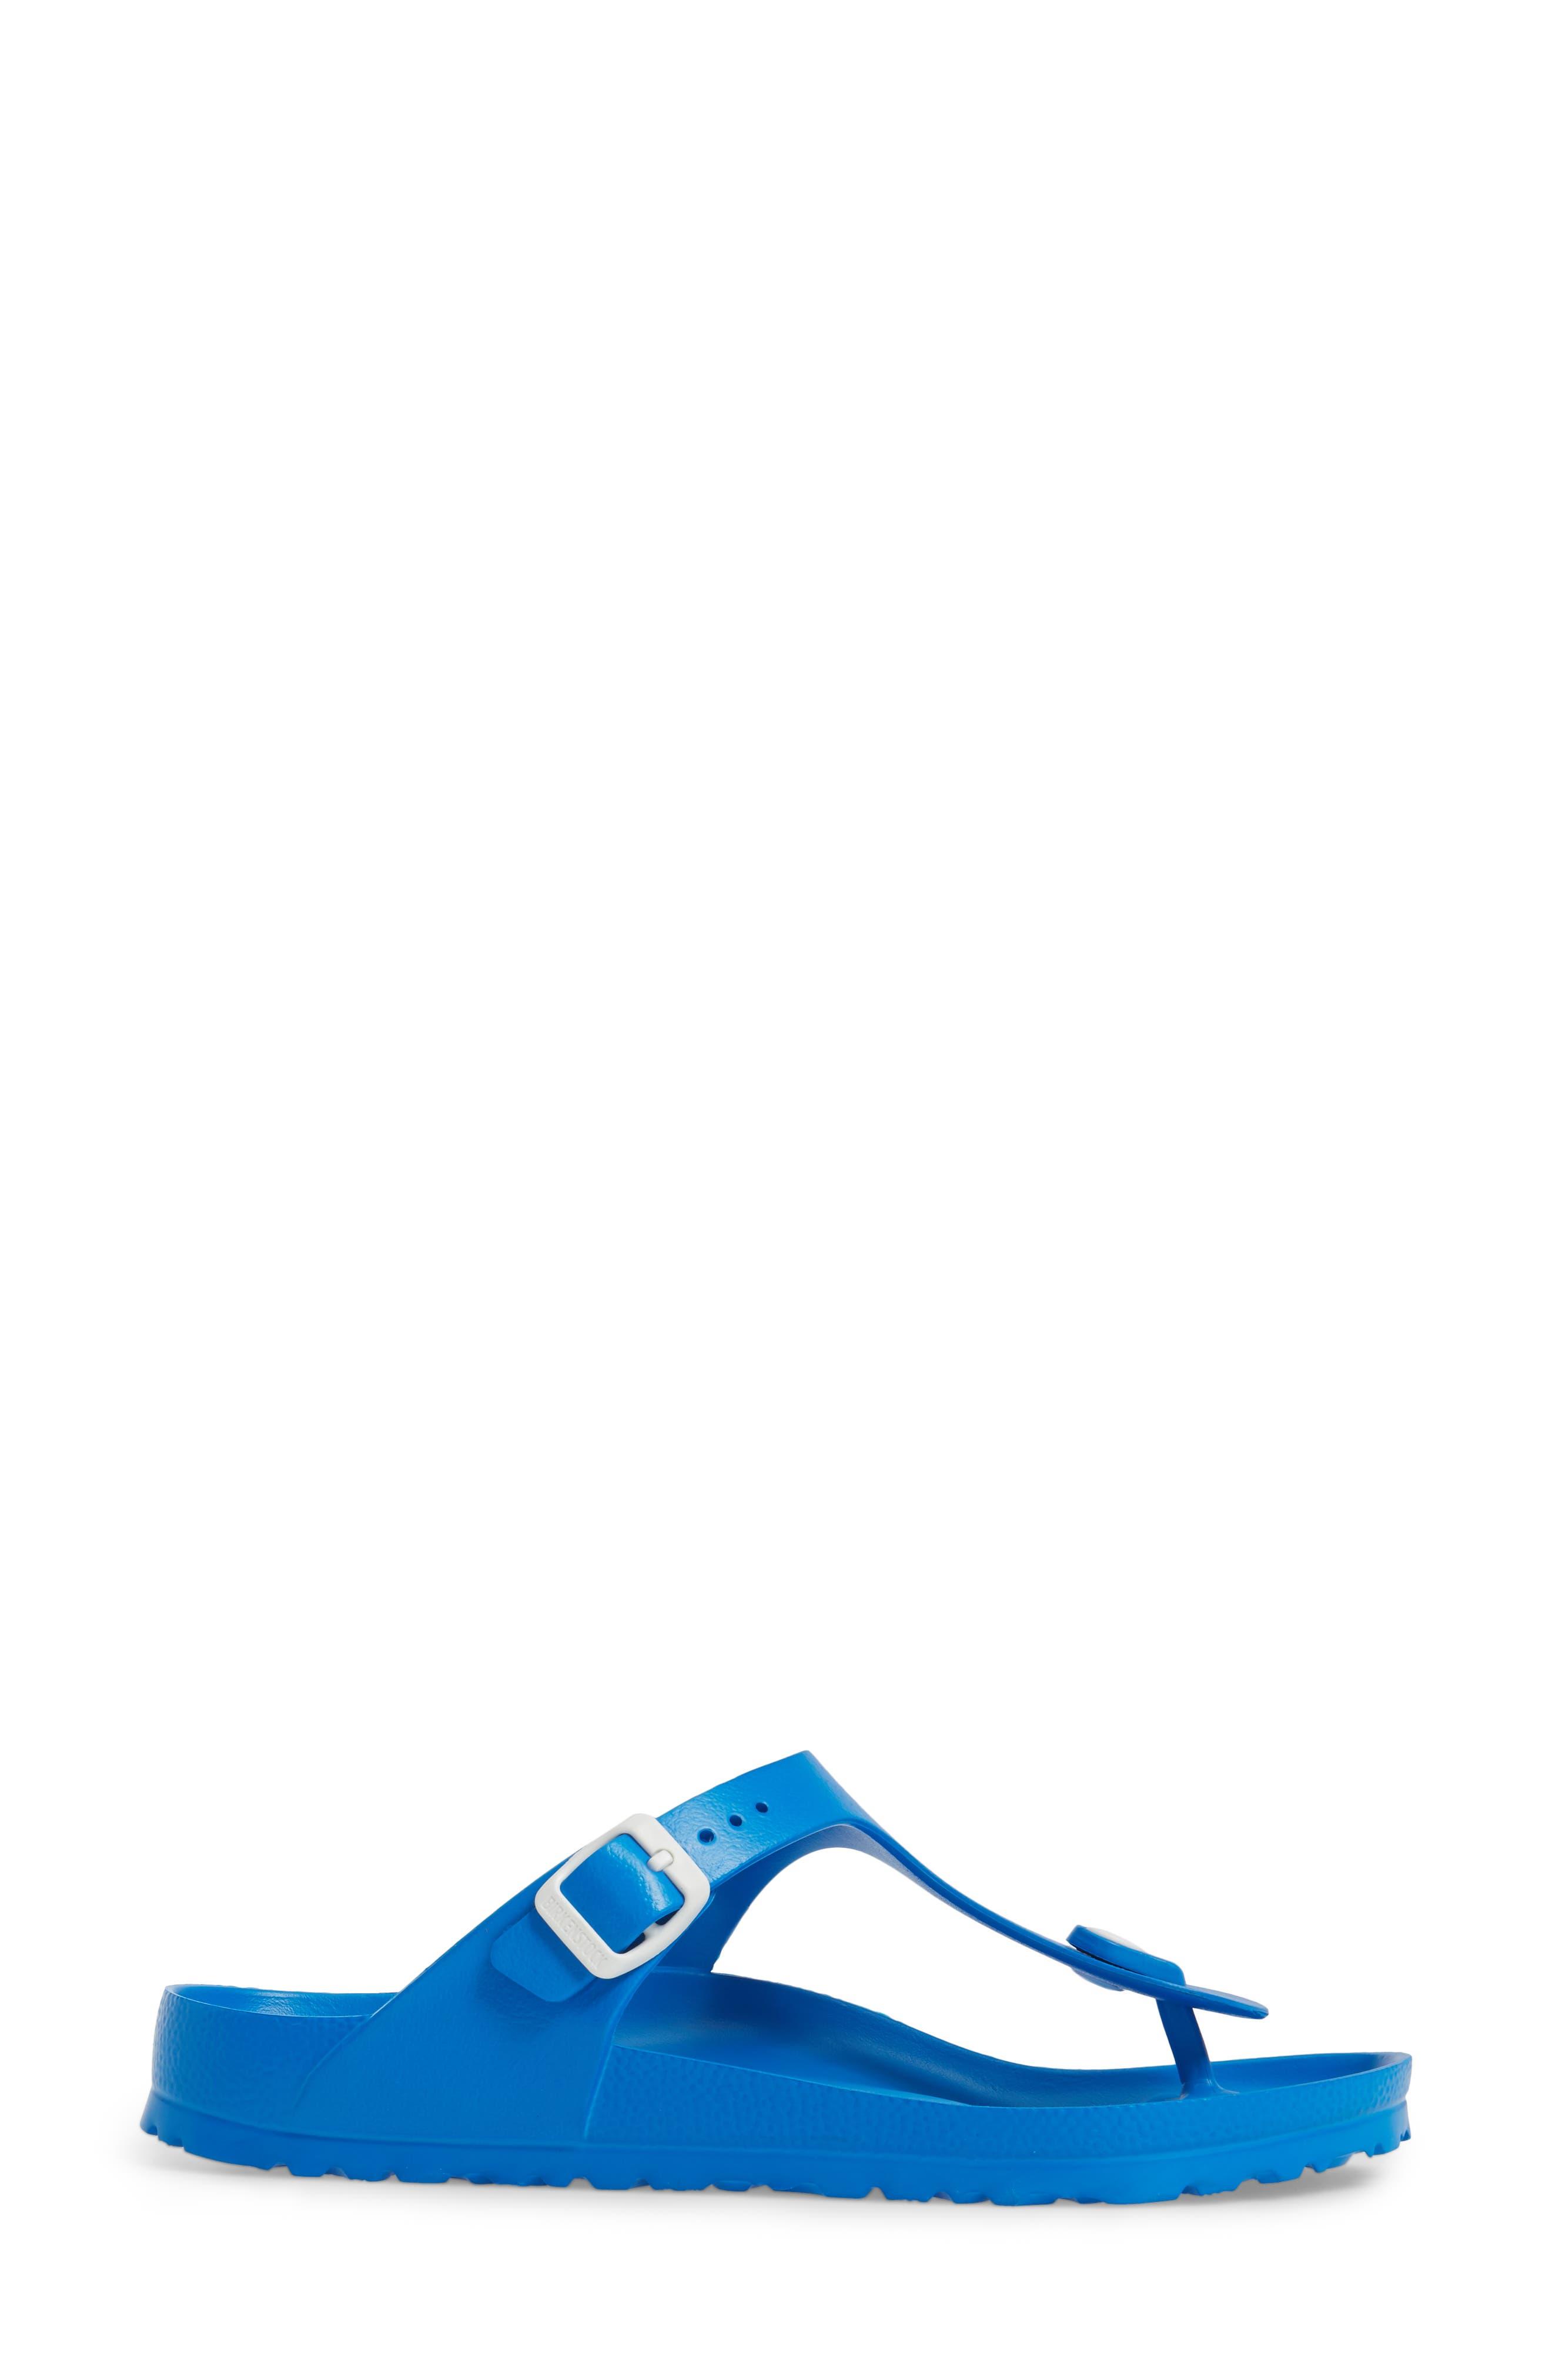 Essentials - Gizeh Flip Flop,                             Alternate thumbnail 3, color,                             SCUBA BLUE